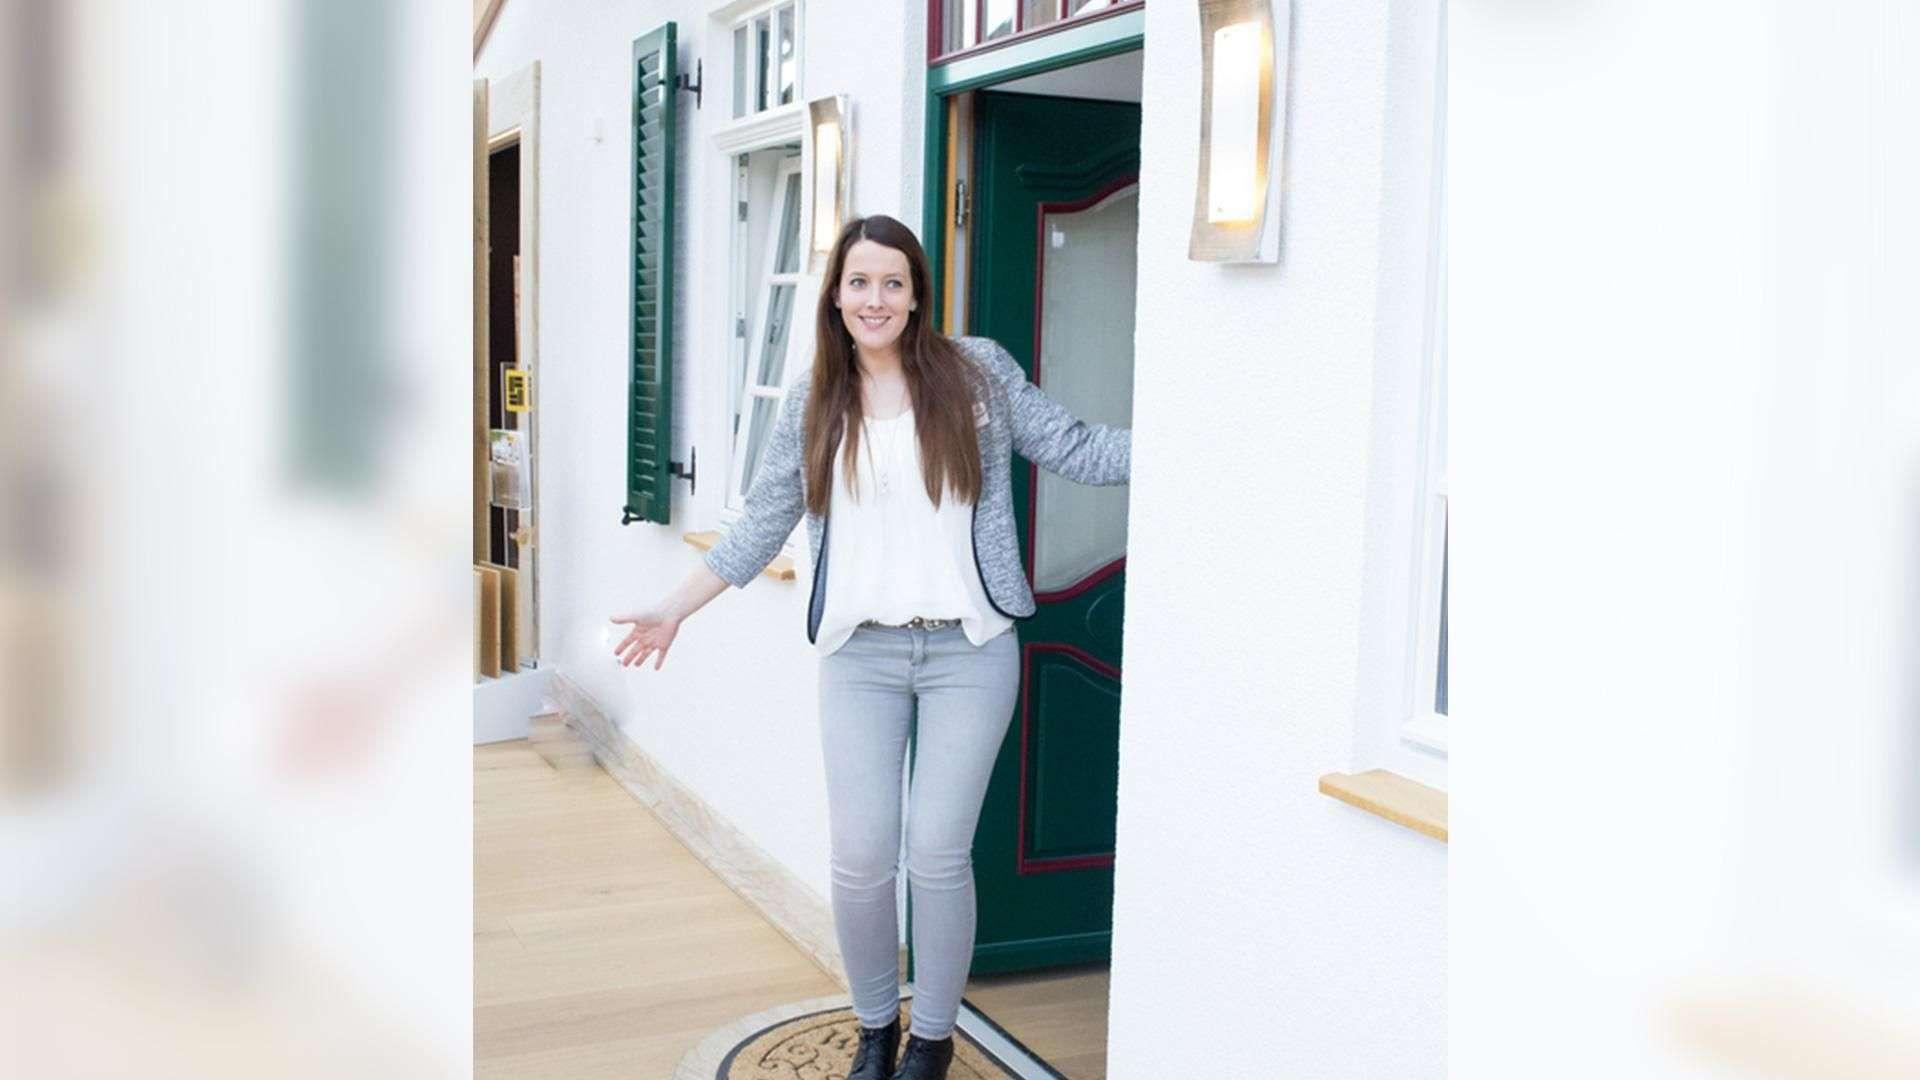 Frau guckt freudig aus einer Tür in der Ausstellung der Tischlerei Gleue in Lindwedel